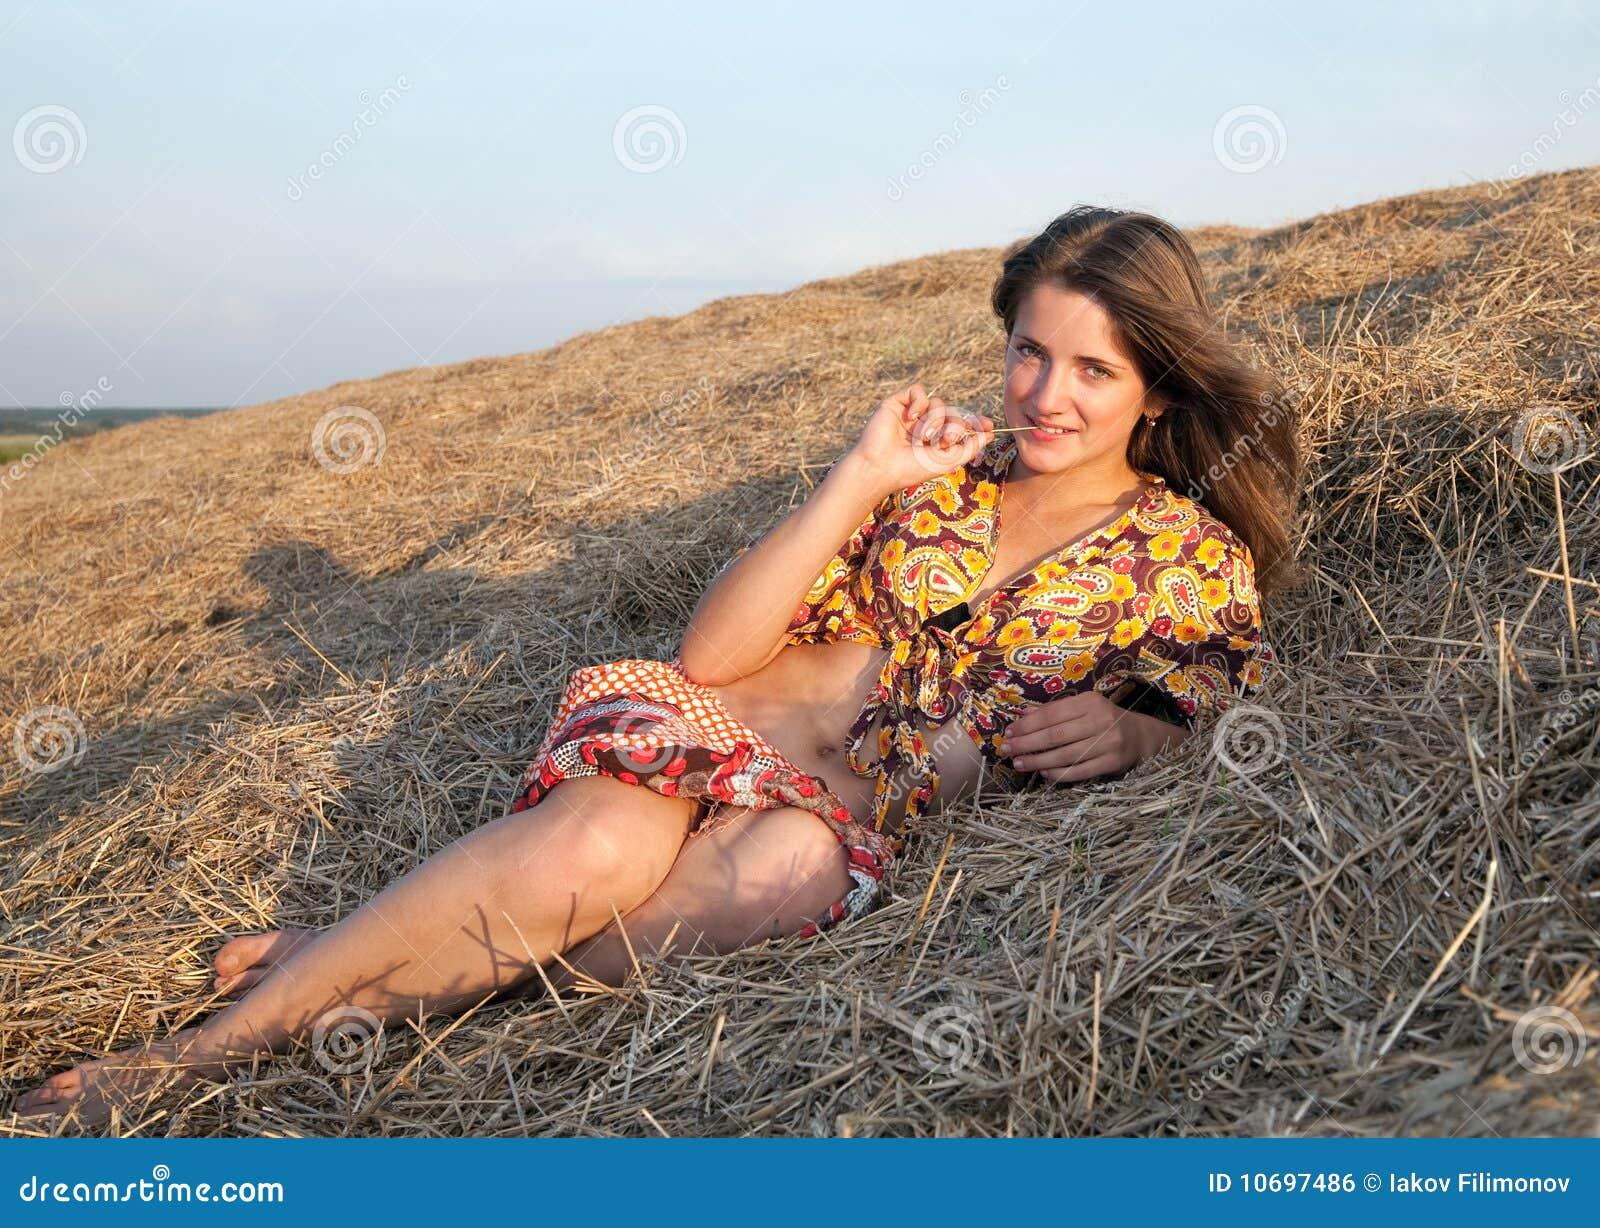 Только взрослые деревенские женщины фото 1 фотография